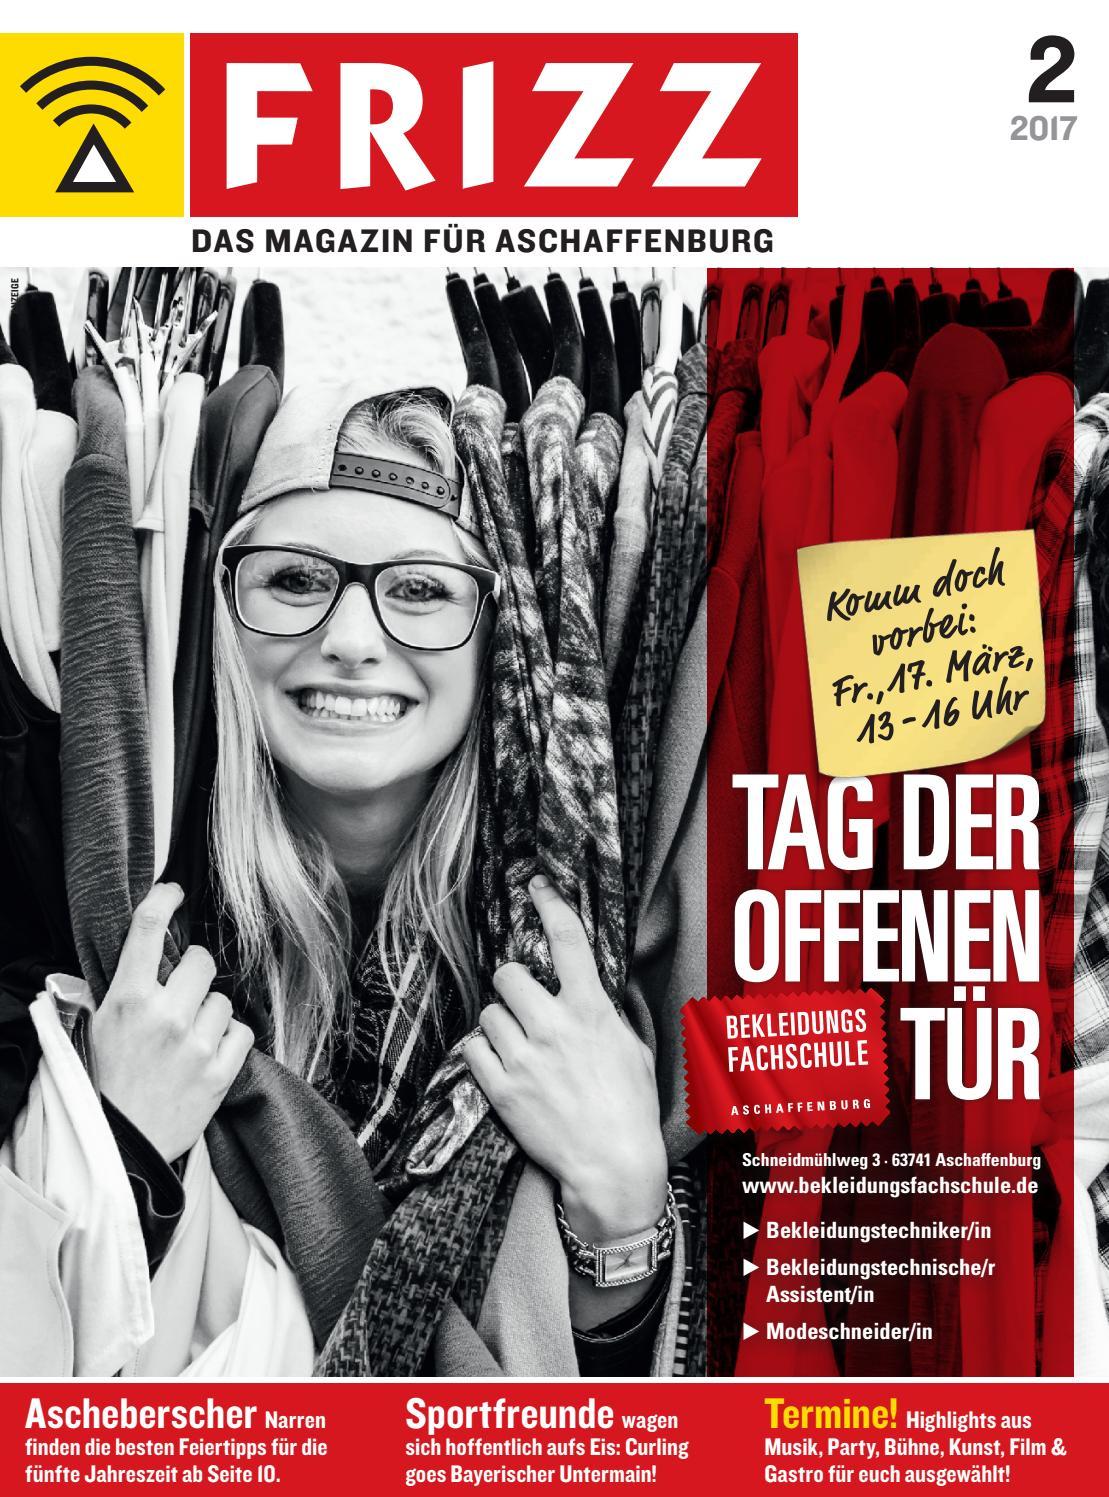 FRIZZ Aschaffenburg 02